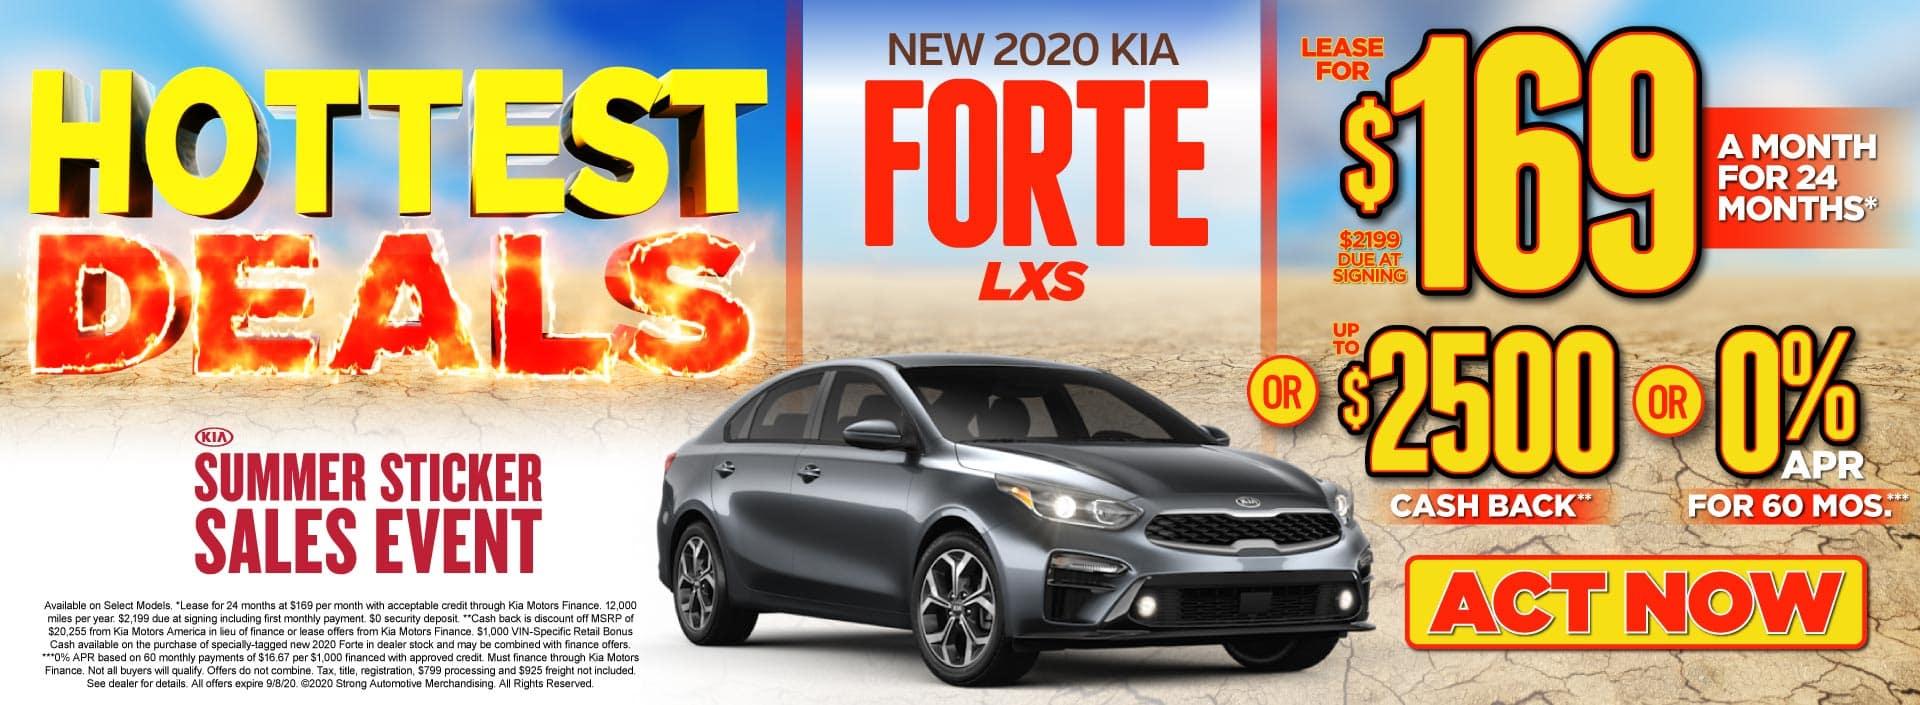 New 2020 Kia Forte only $169/mo - ACT NOW